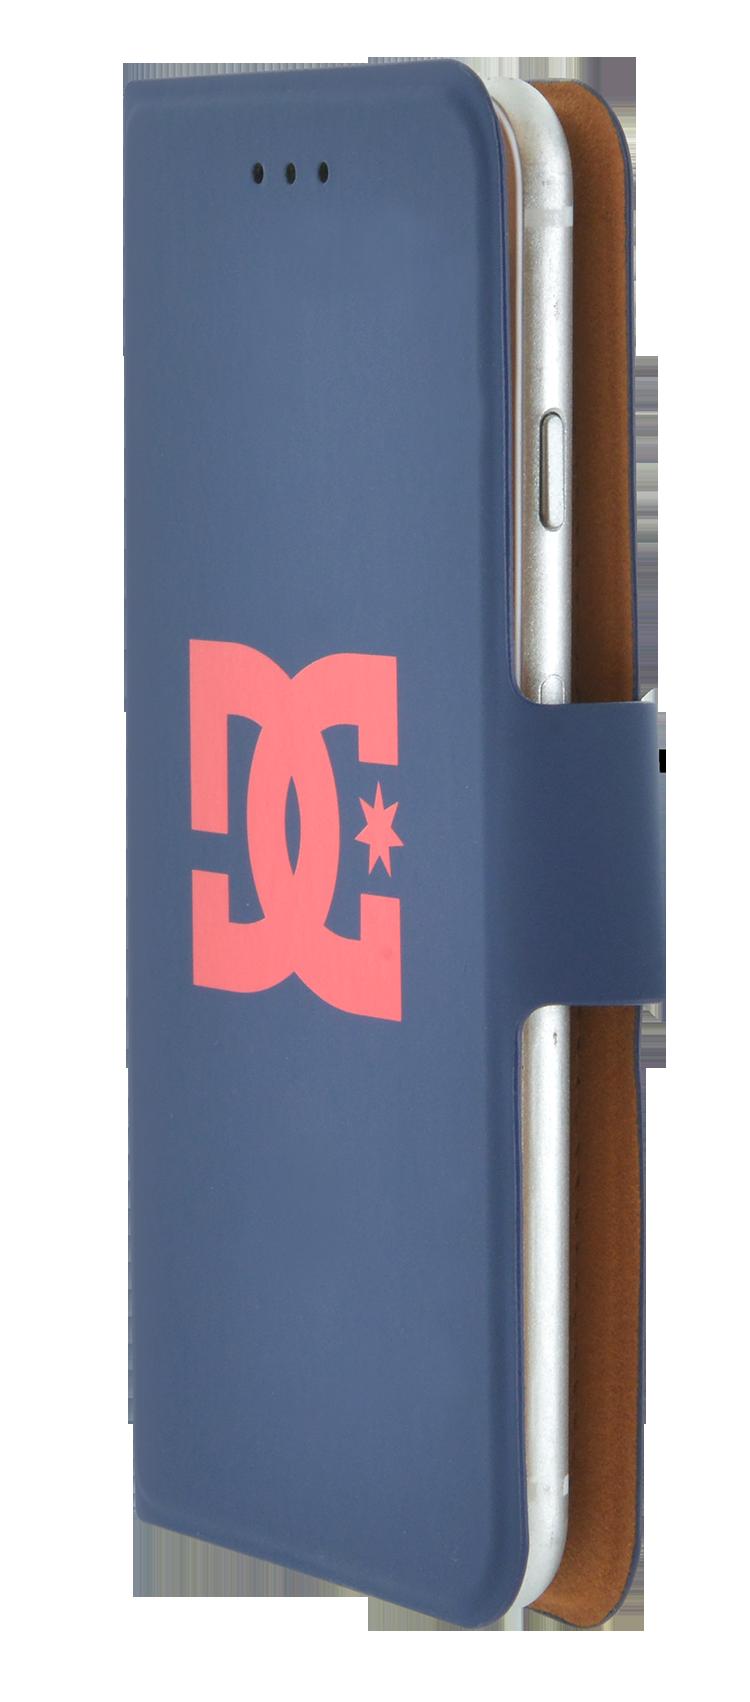 DC SHOES Universal Folio Case (Blue) - Image